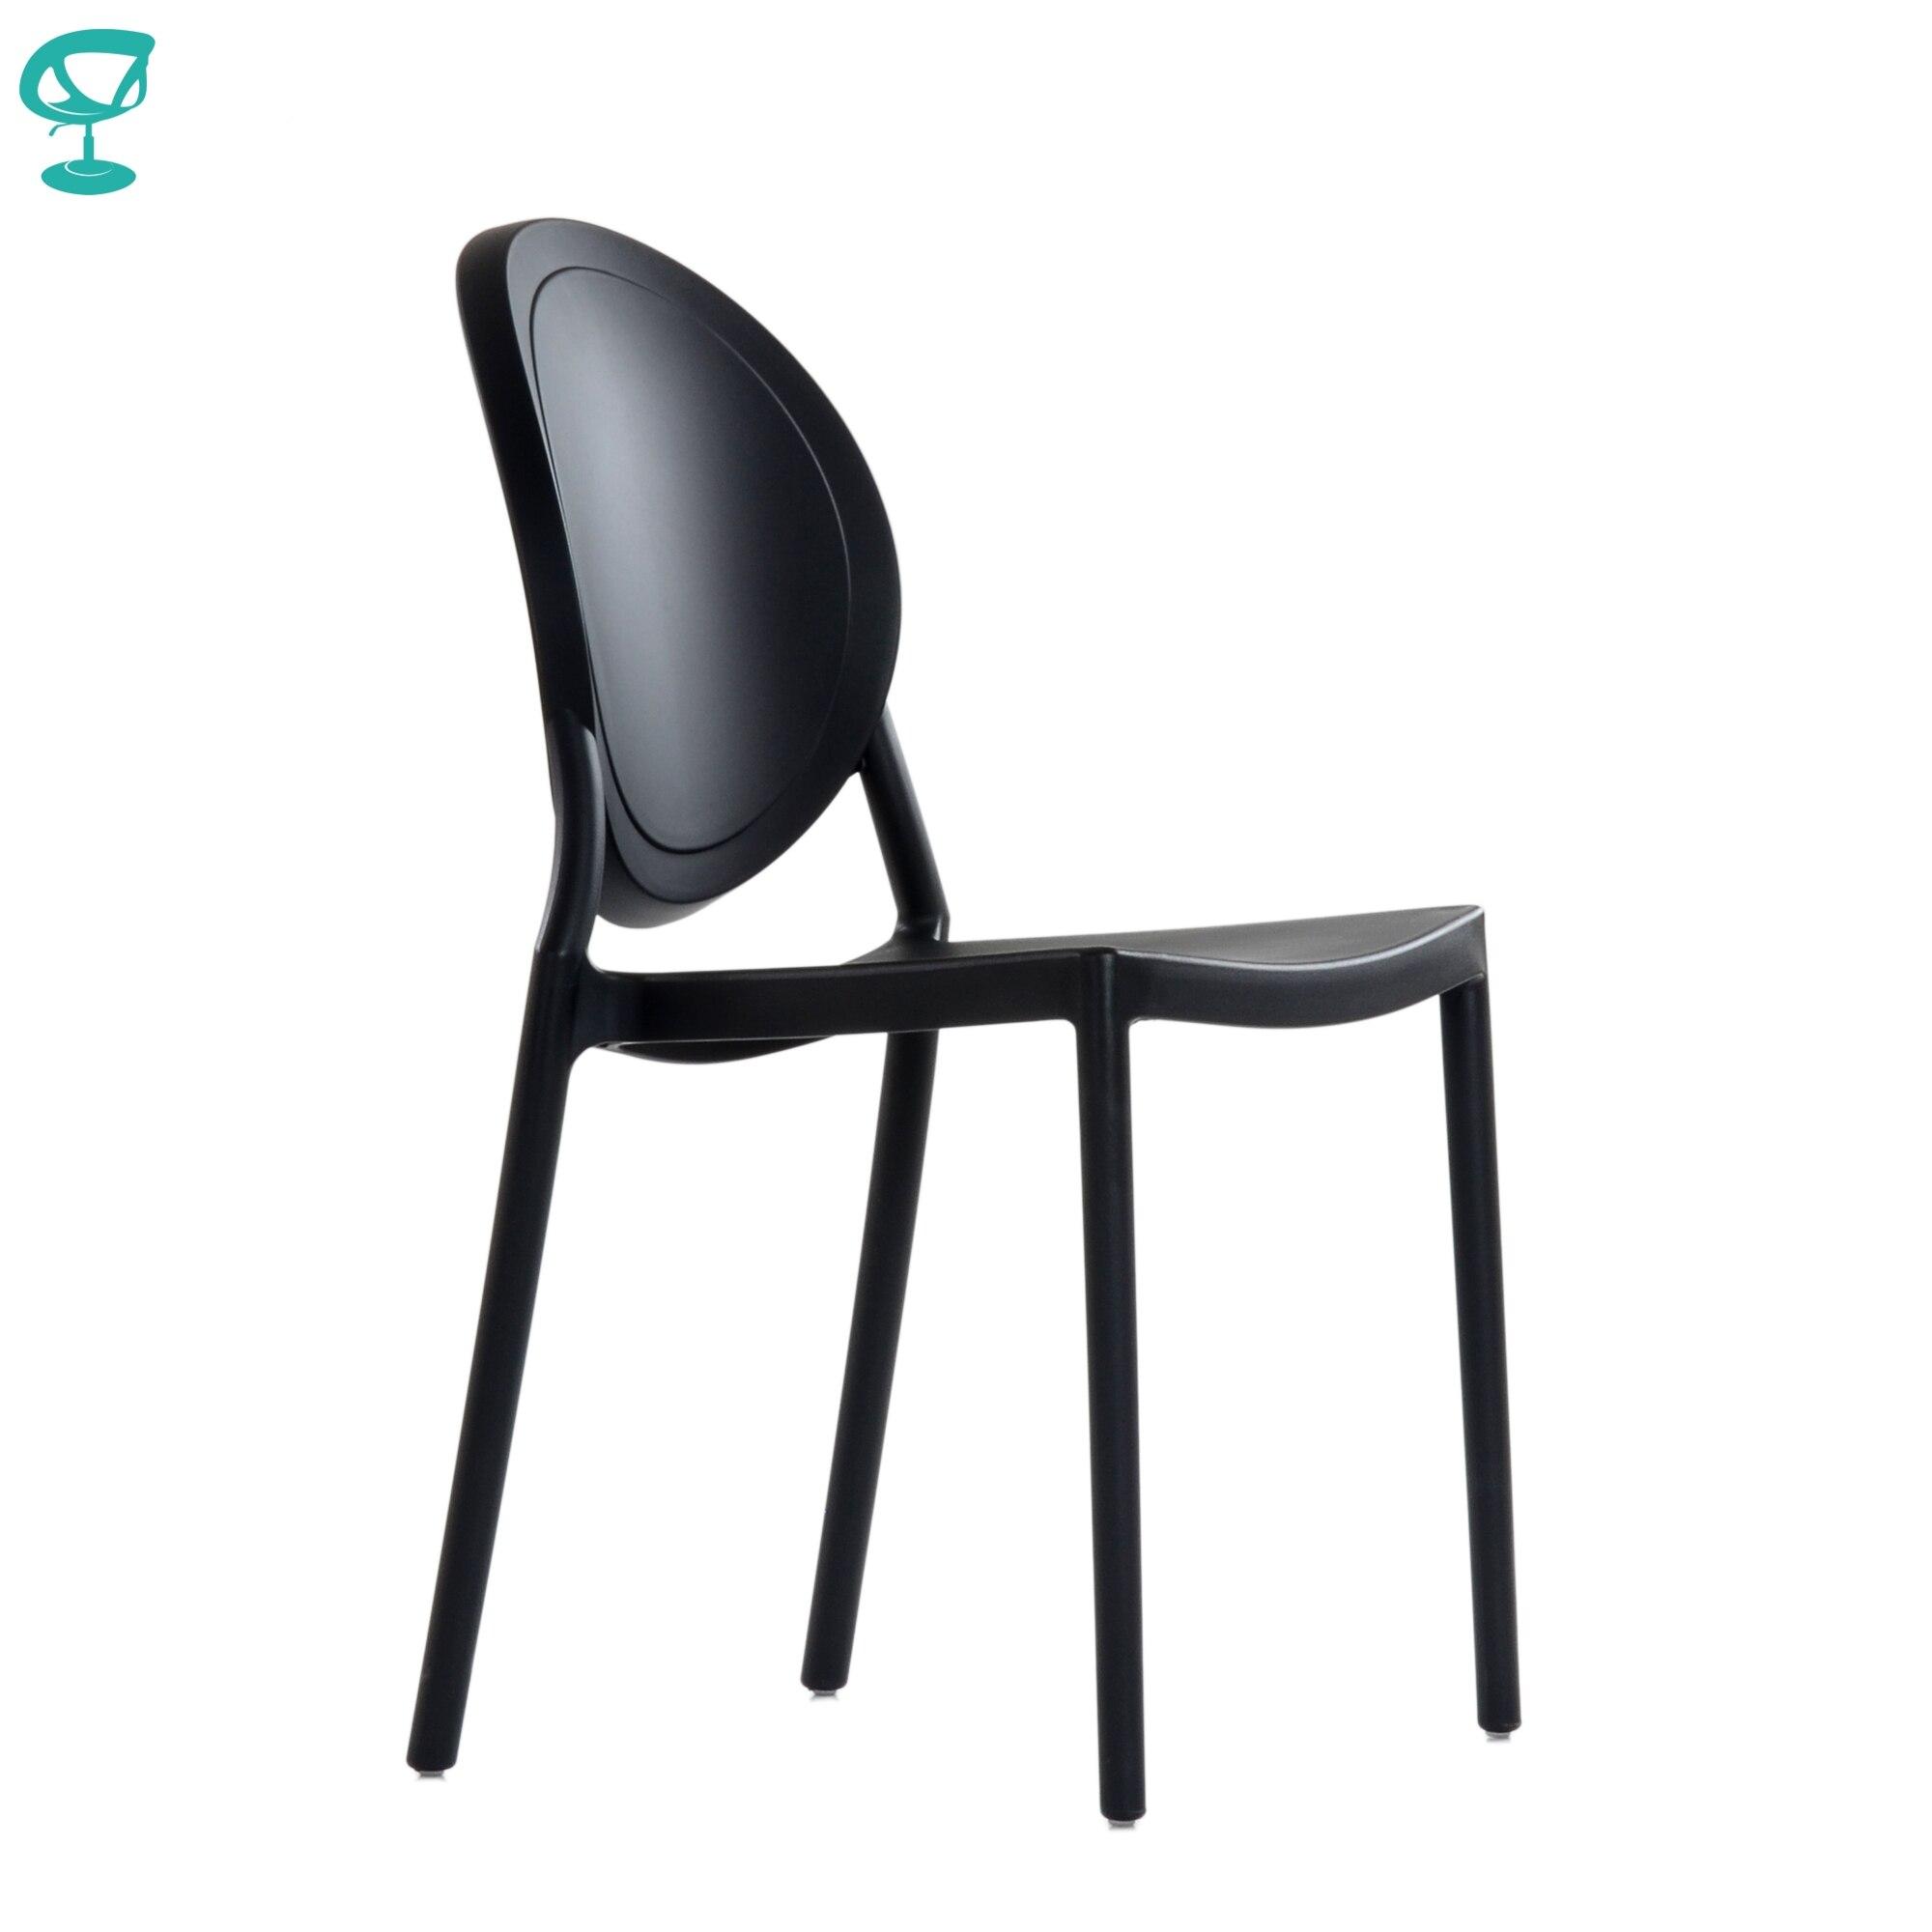 95715 Barneo N-217 en plastique cuisine intérieur tabouret chaise pour une rue café chaise meubles de cuisine noir livraison gratuite en russie